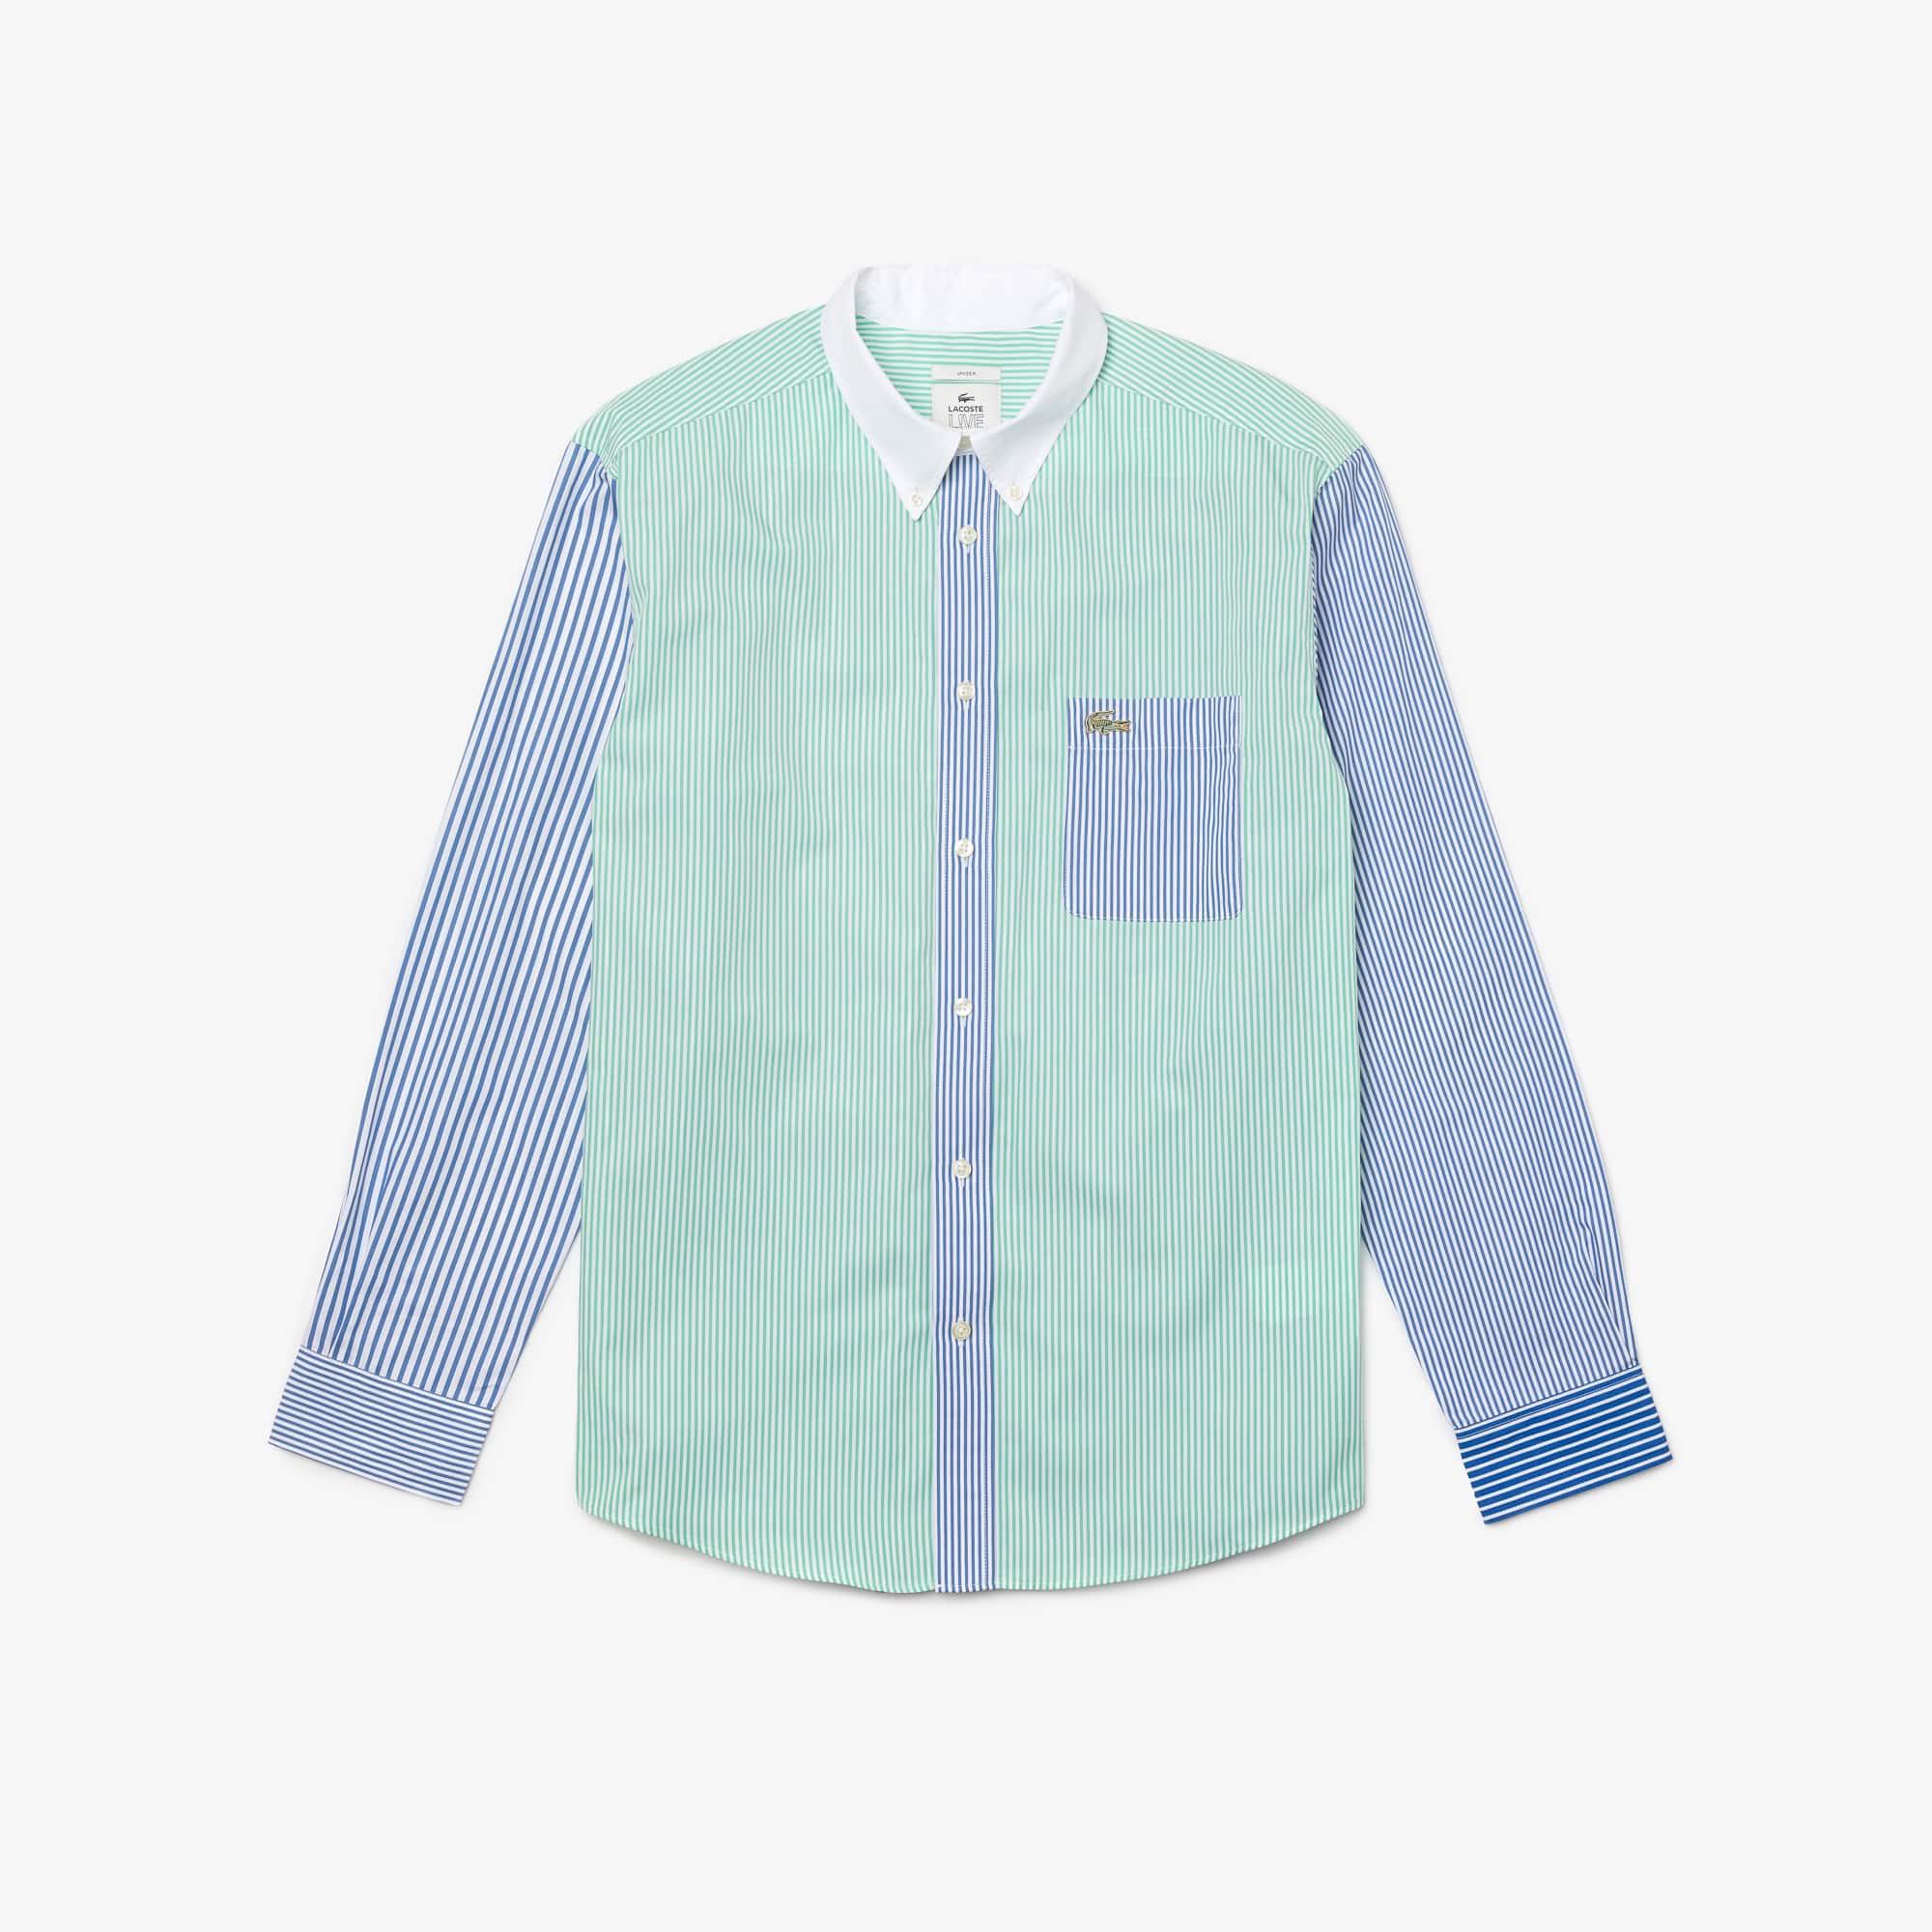 Chemise relax fit Lacoste LIVE unisexe en coton rayé Taille 3 - S Bleu / Vert / Blanc